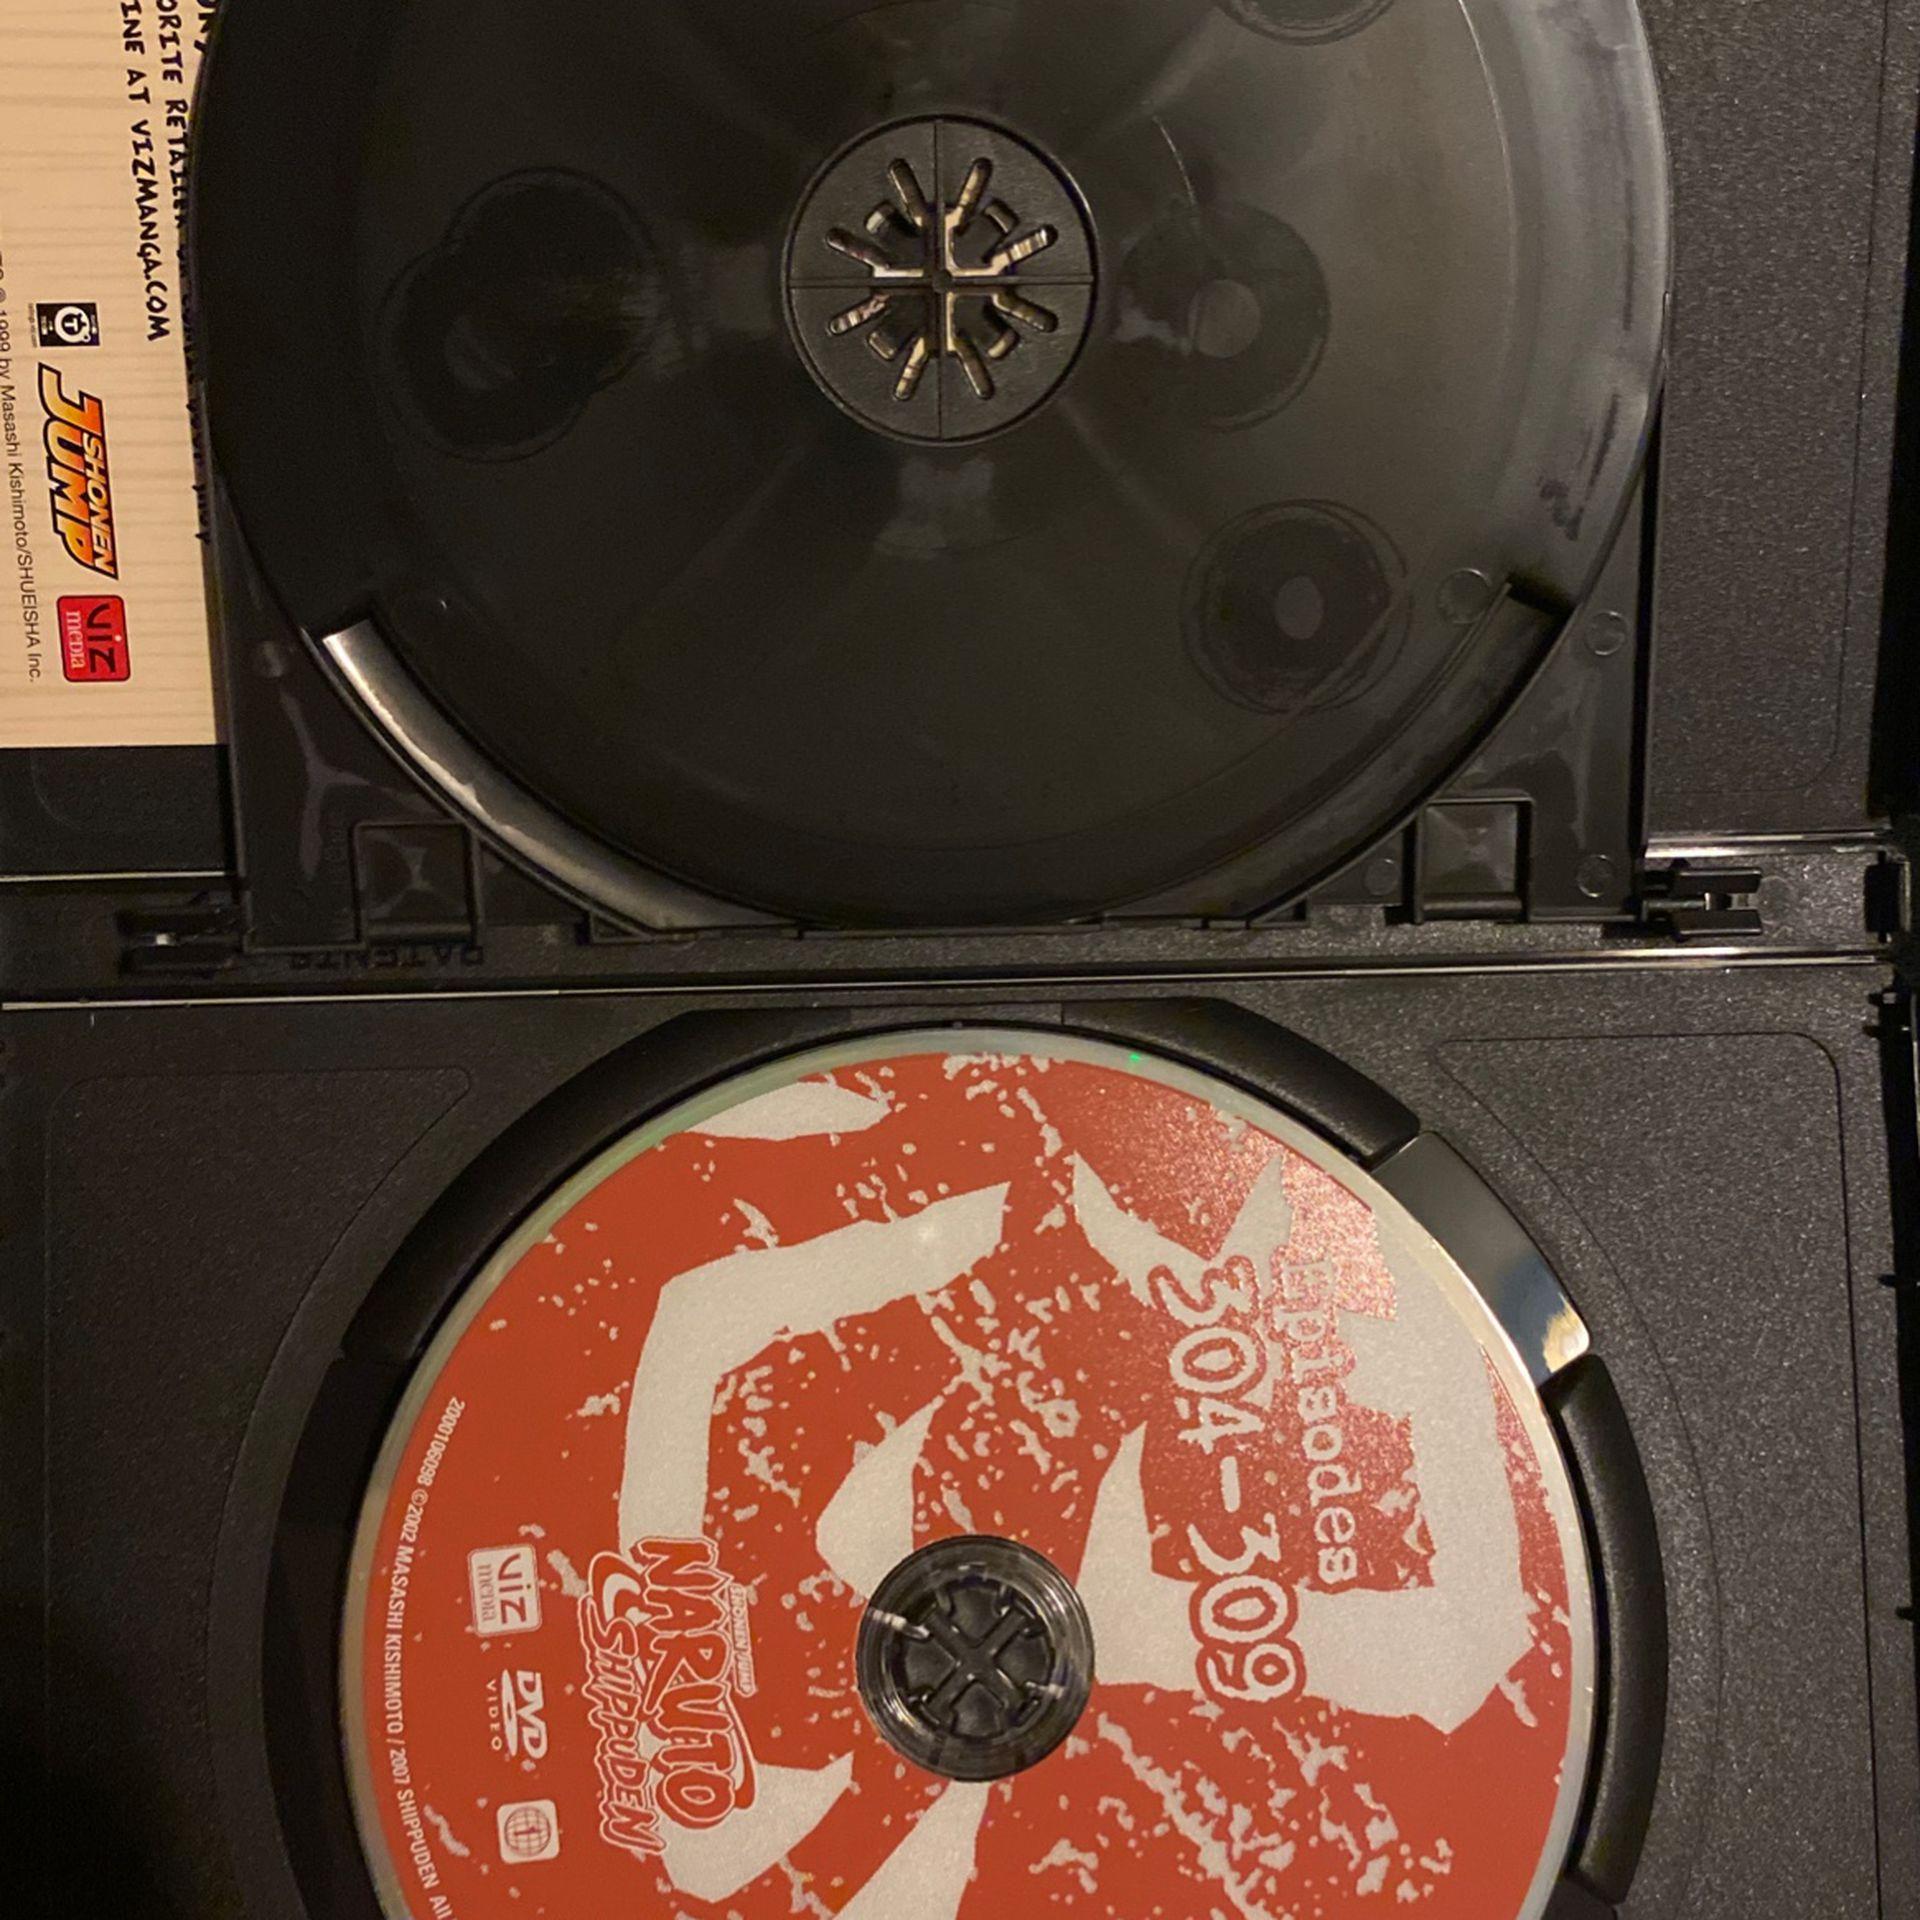 NARUTO SHIPPUDEN (24&25) 4 DISCS SET